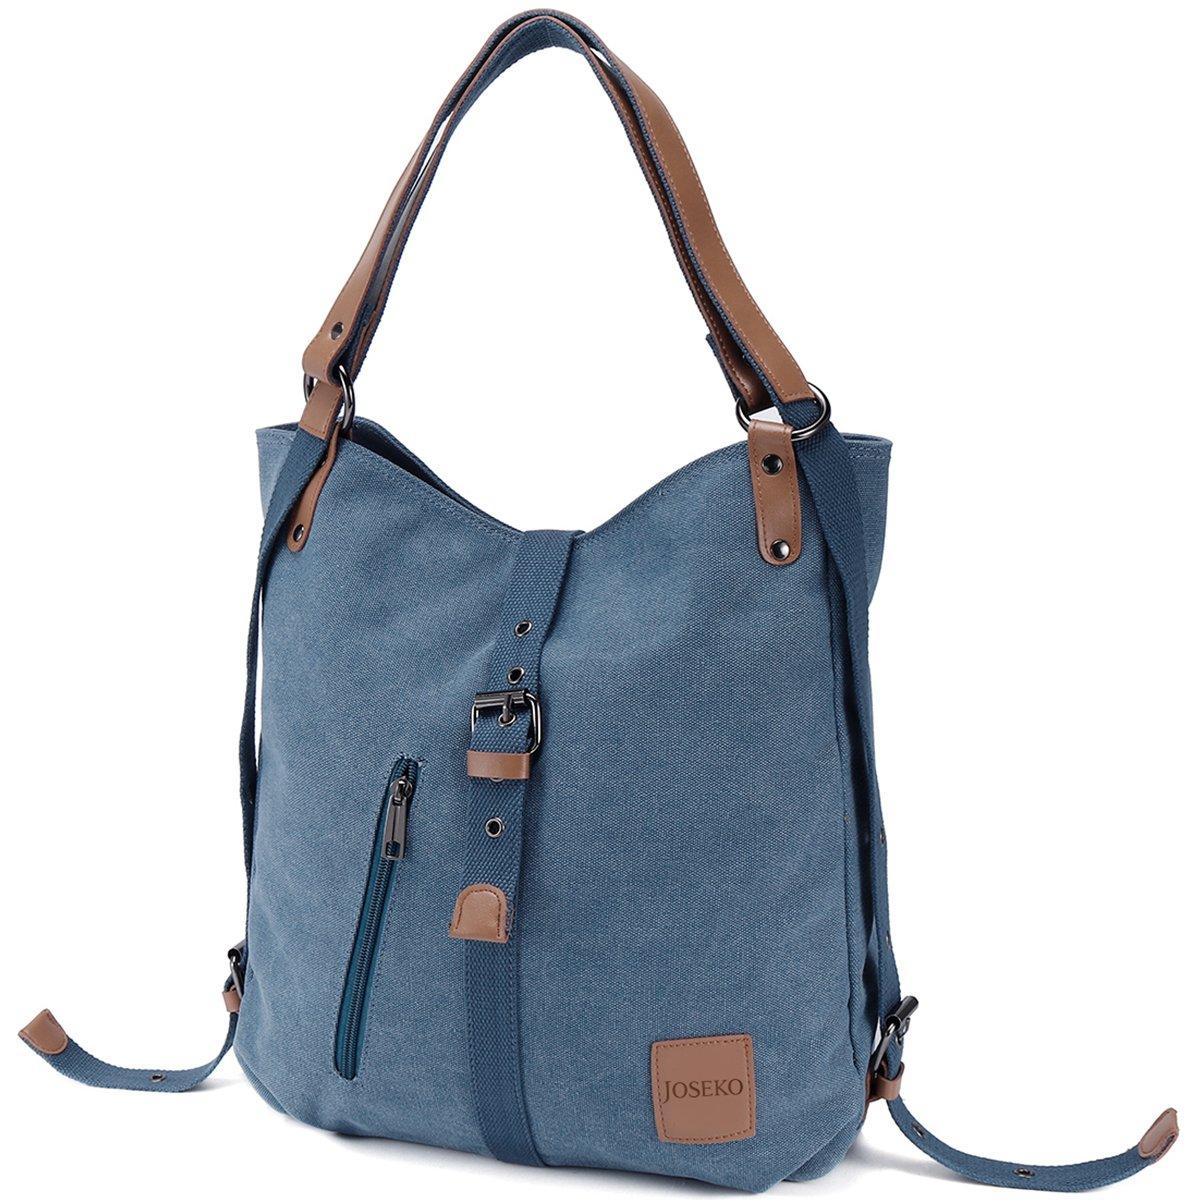 JOSEKO Canvas Tasche, Damen Rucksack Handtasche Vintage Umhängentasche